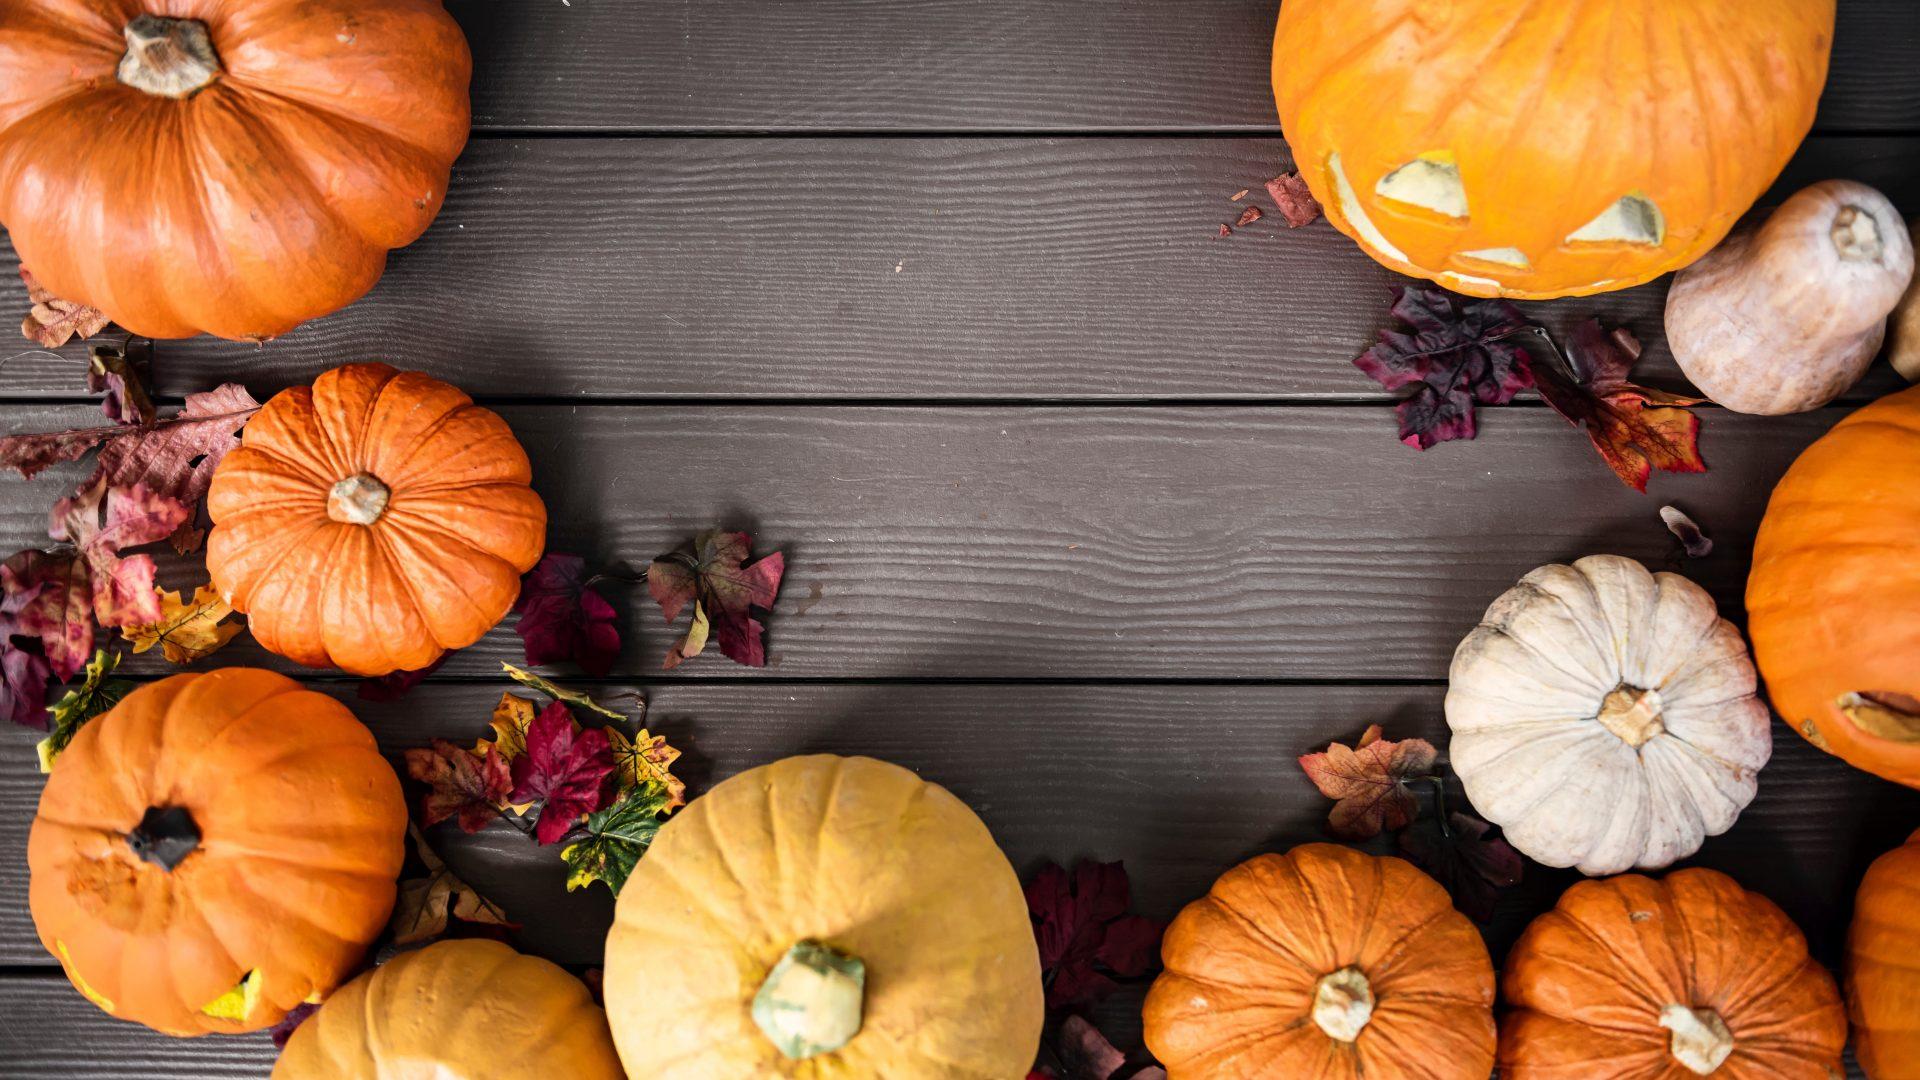 Cute Pumpkin Desktop Wallpaper Hd Wallpapers